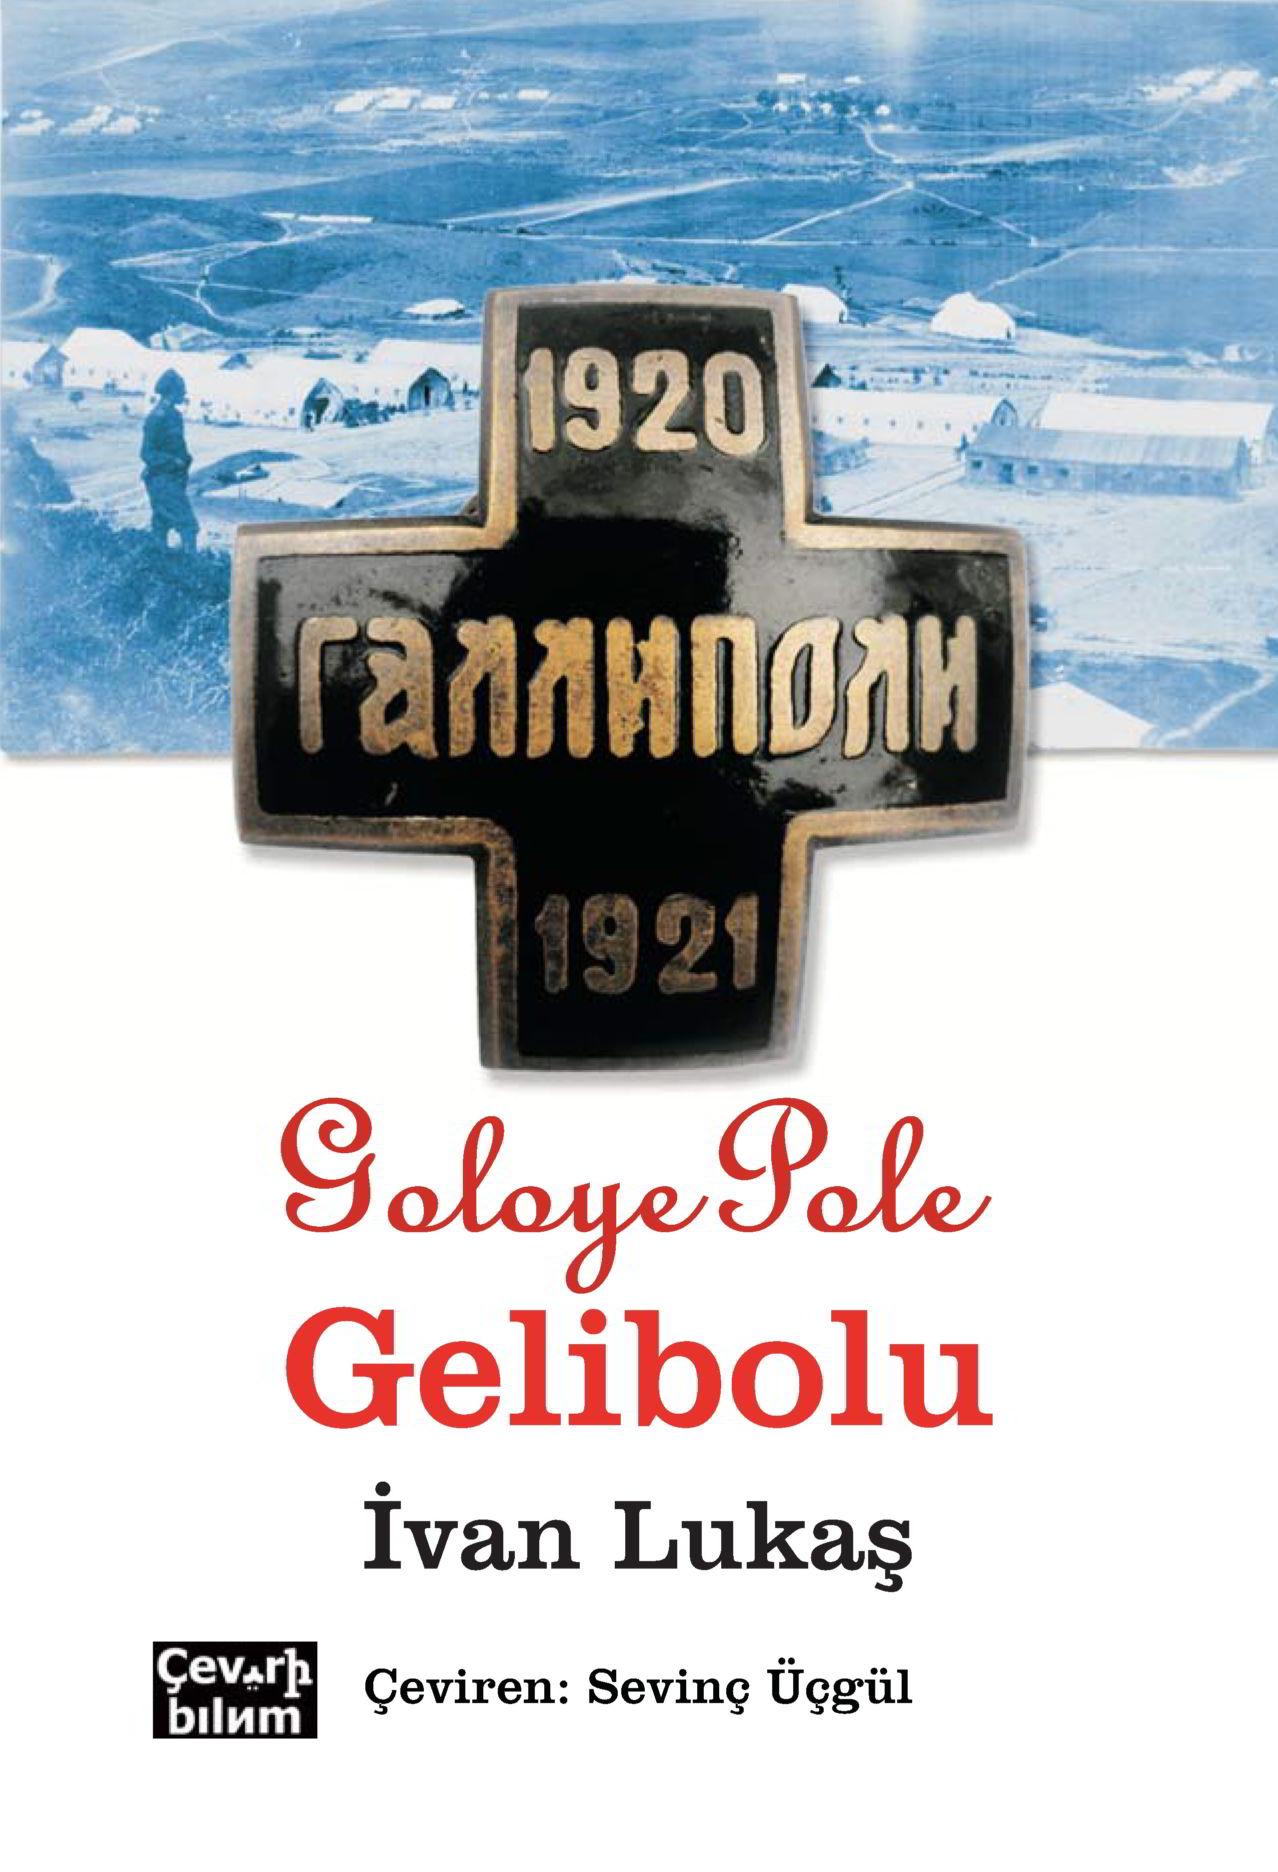 Goloye Polek